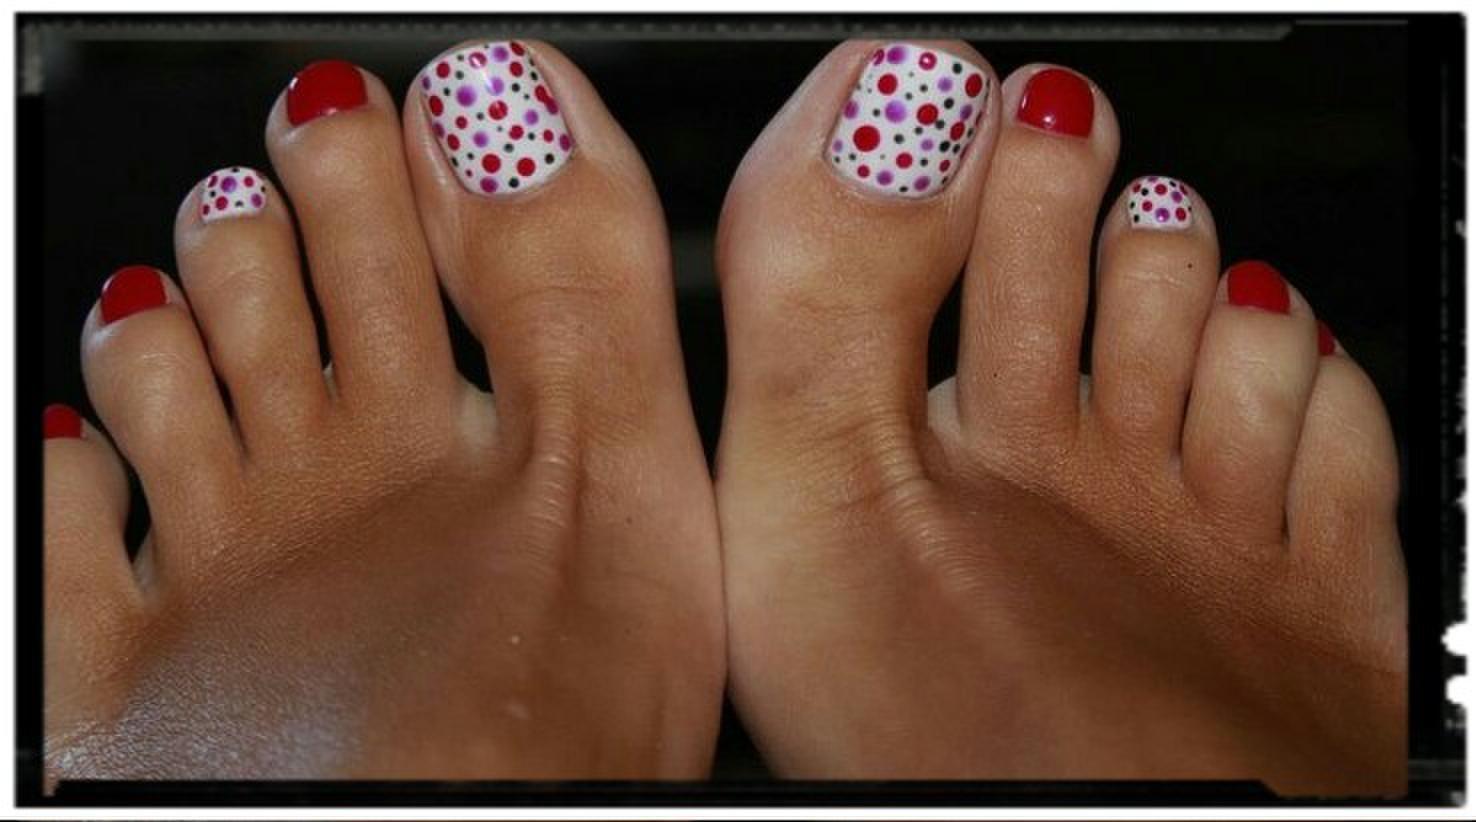 Шеллак на ногах (фото с примерами) - фото и описание примера 40